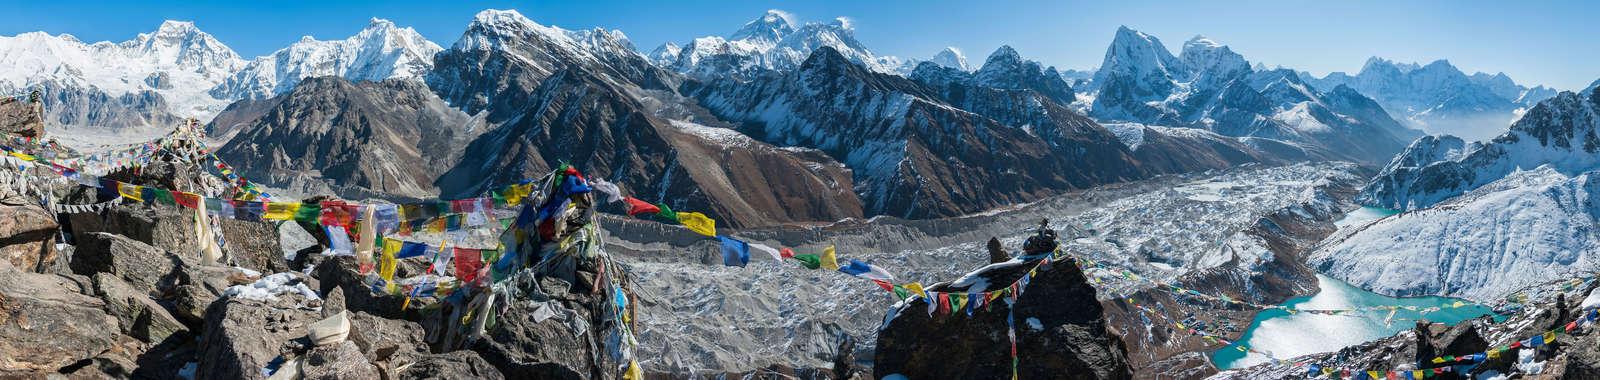 dreamstime_xxl_39390730_Gokyo_Ri_Mt_Everest